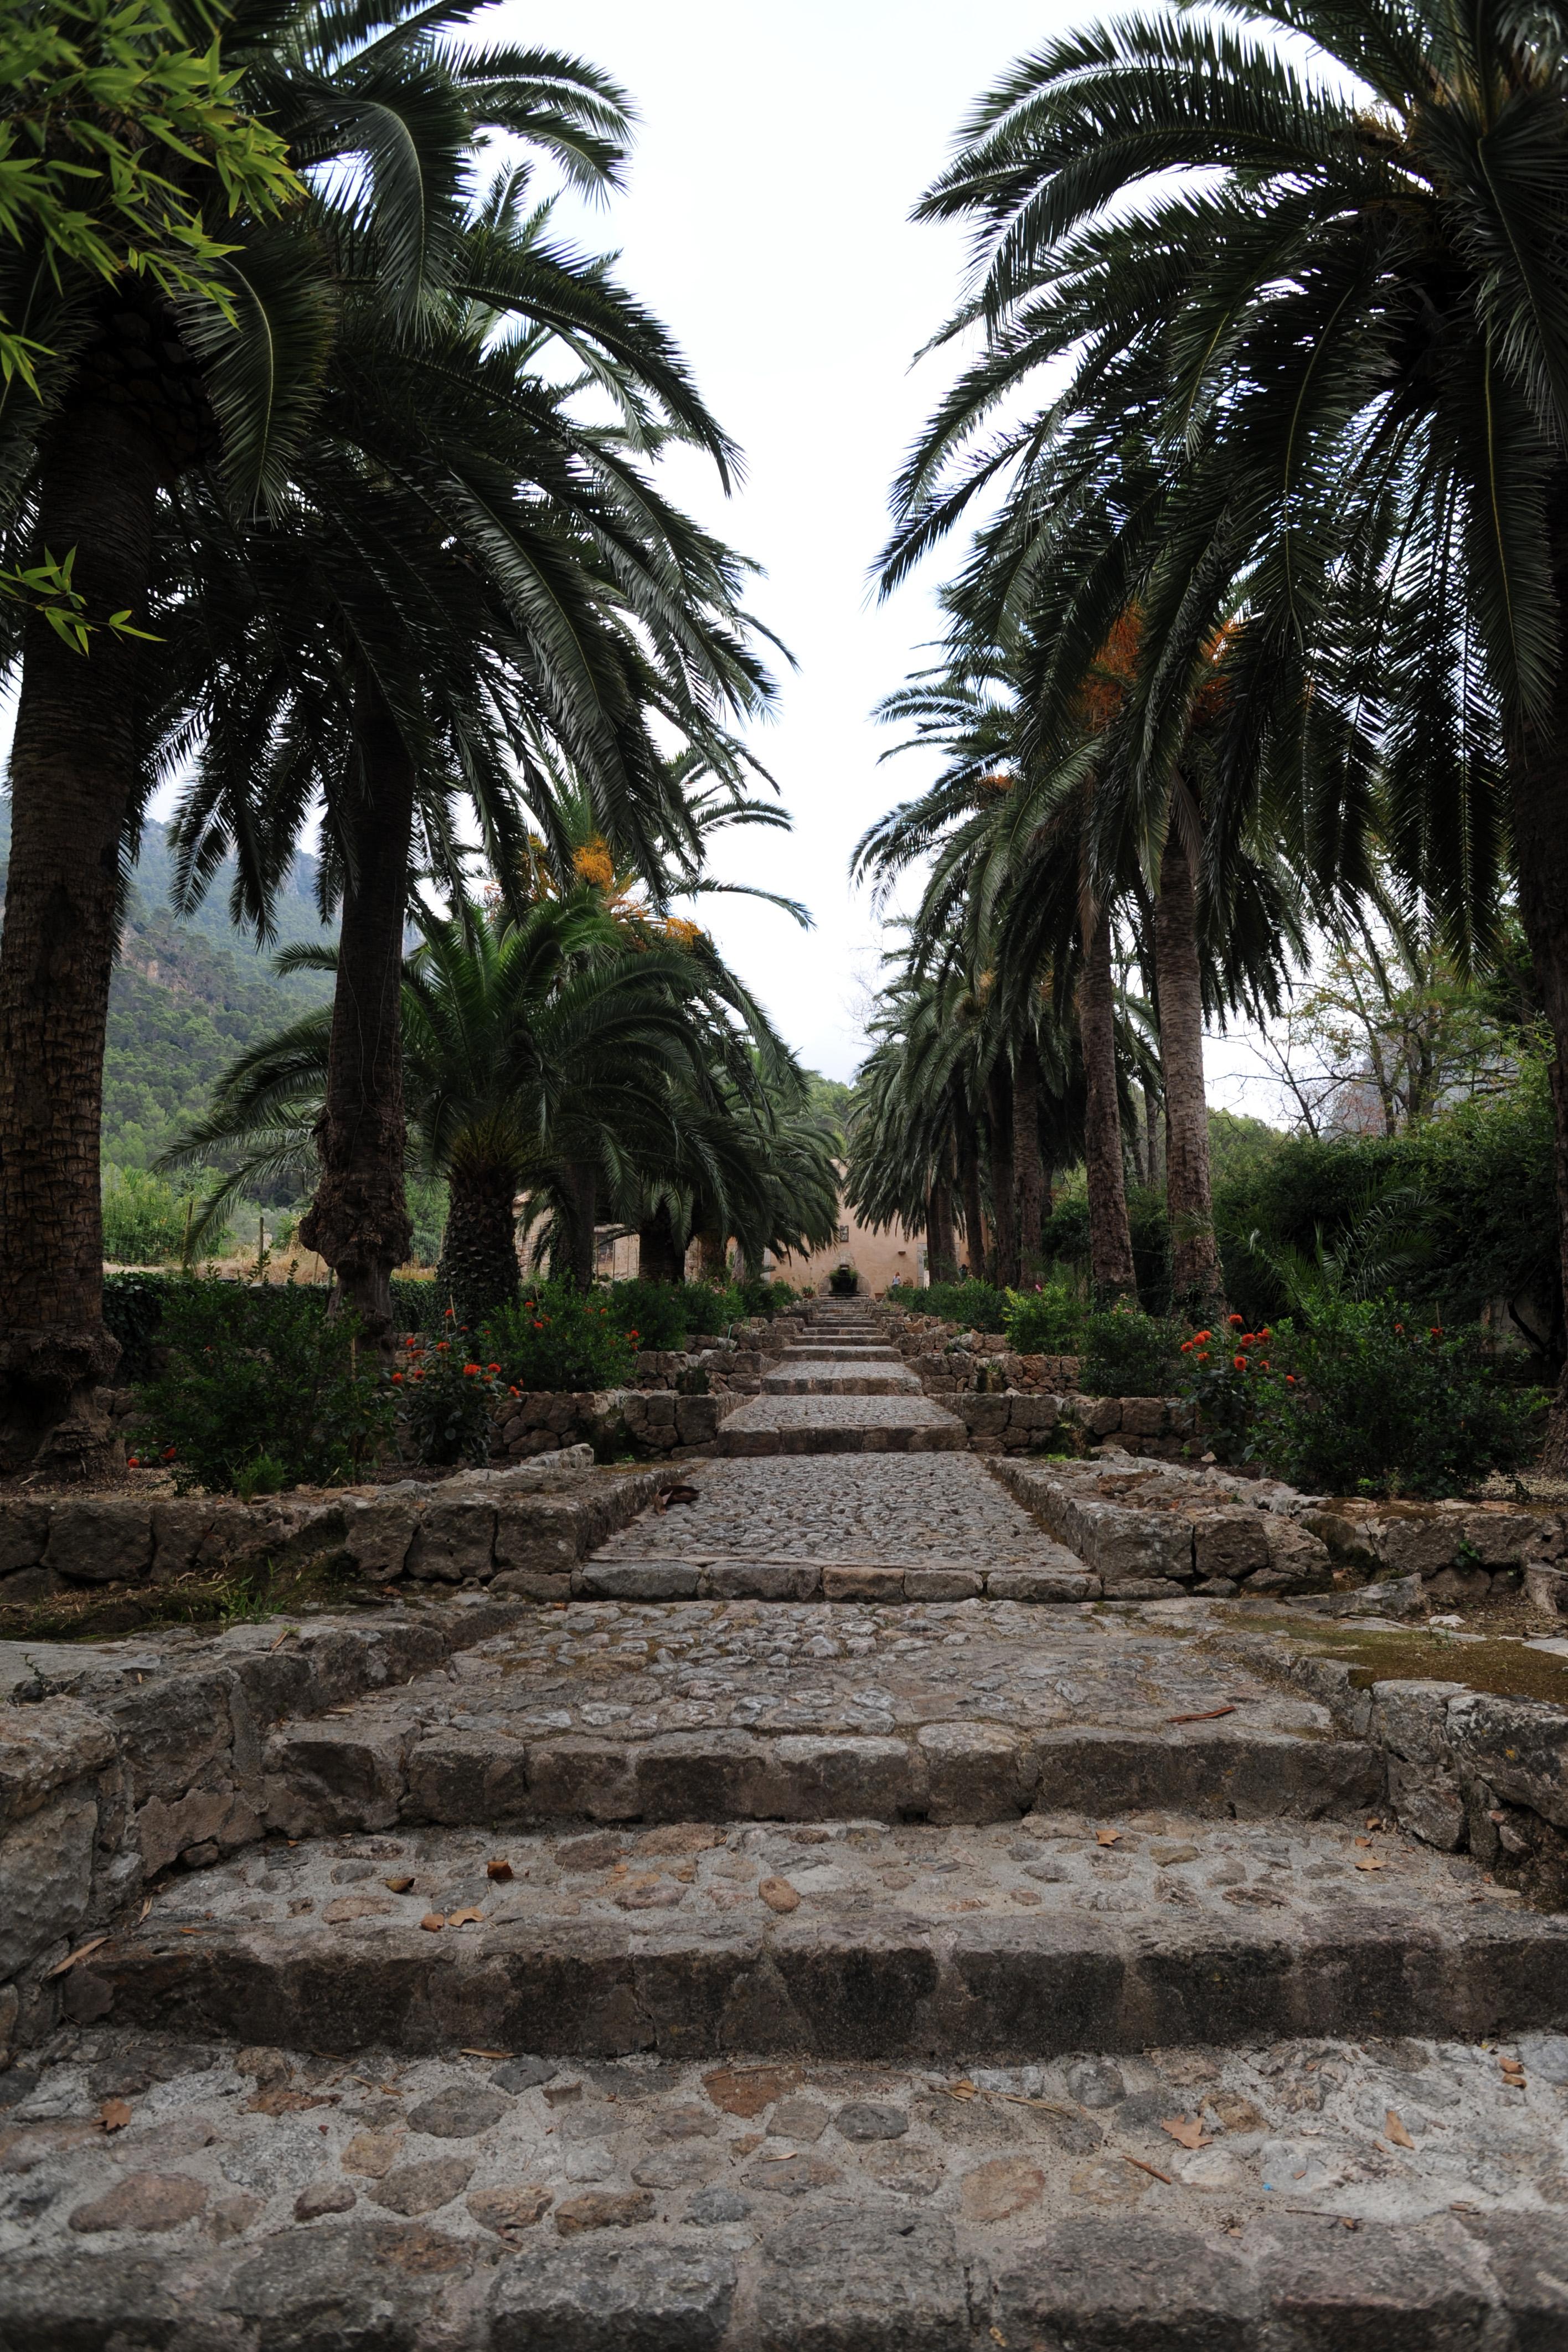 La ciudad de bunyola en mallorca jardines de alf bia for Jardines alfabia